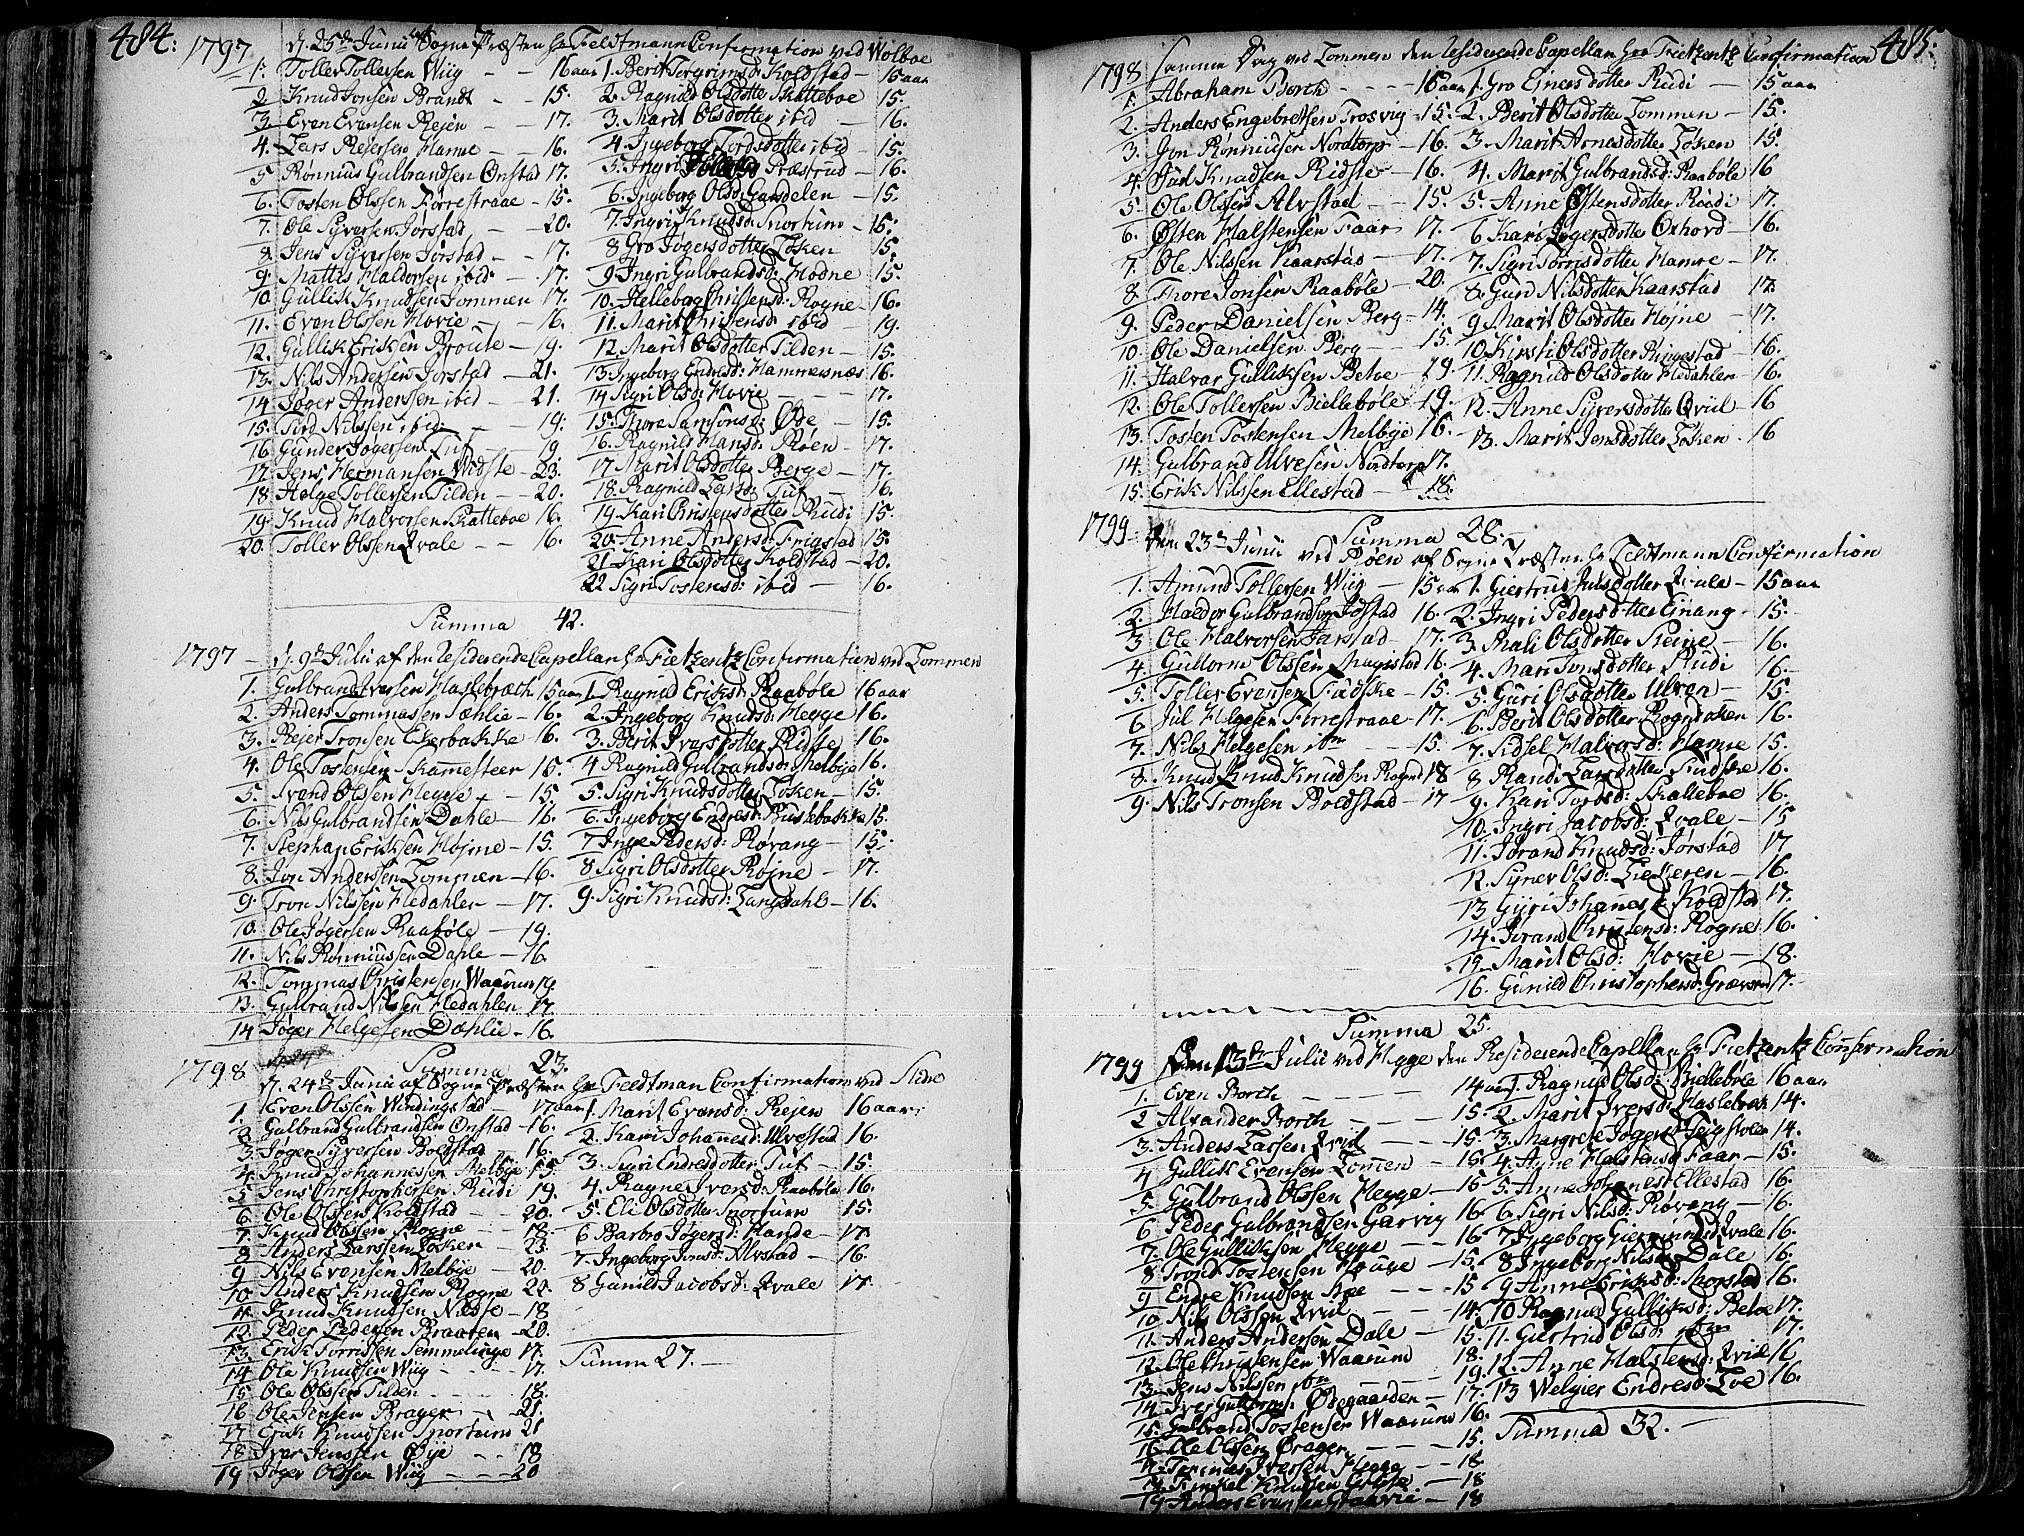 SAH, Slidre prestekontor, Ministerialbok nr. 1, 1724-1814, s. 484-485